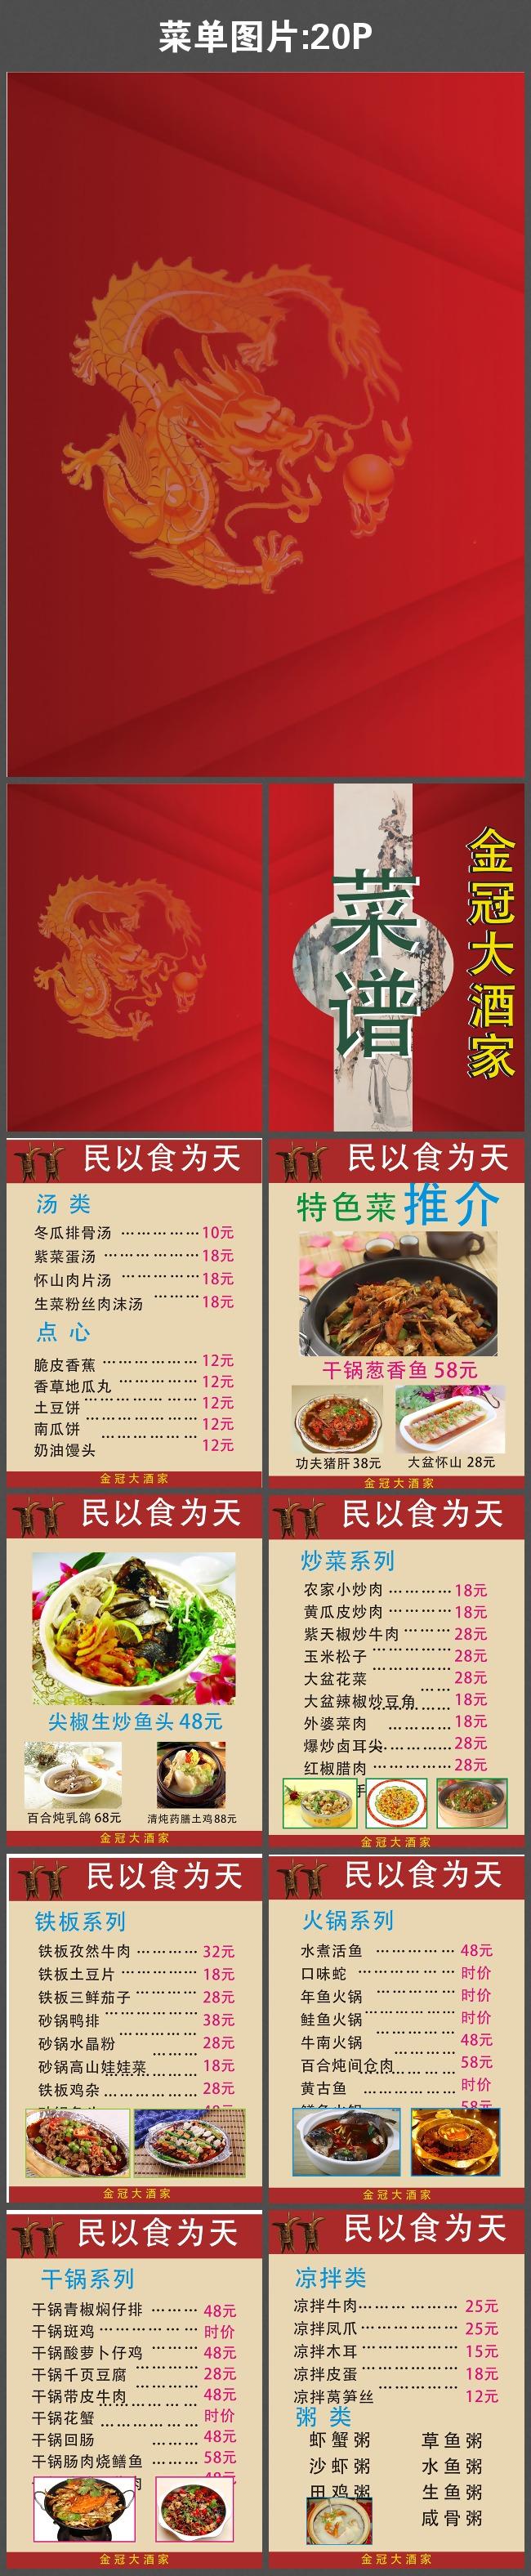 菜单图片图片下载 菜单 酒店菜单 高级菜单 大酒店菜单 个性菜单 菜单